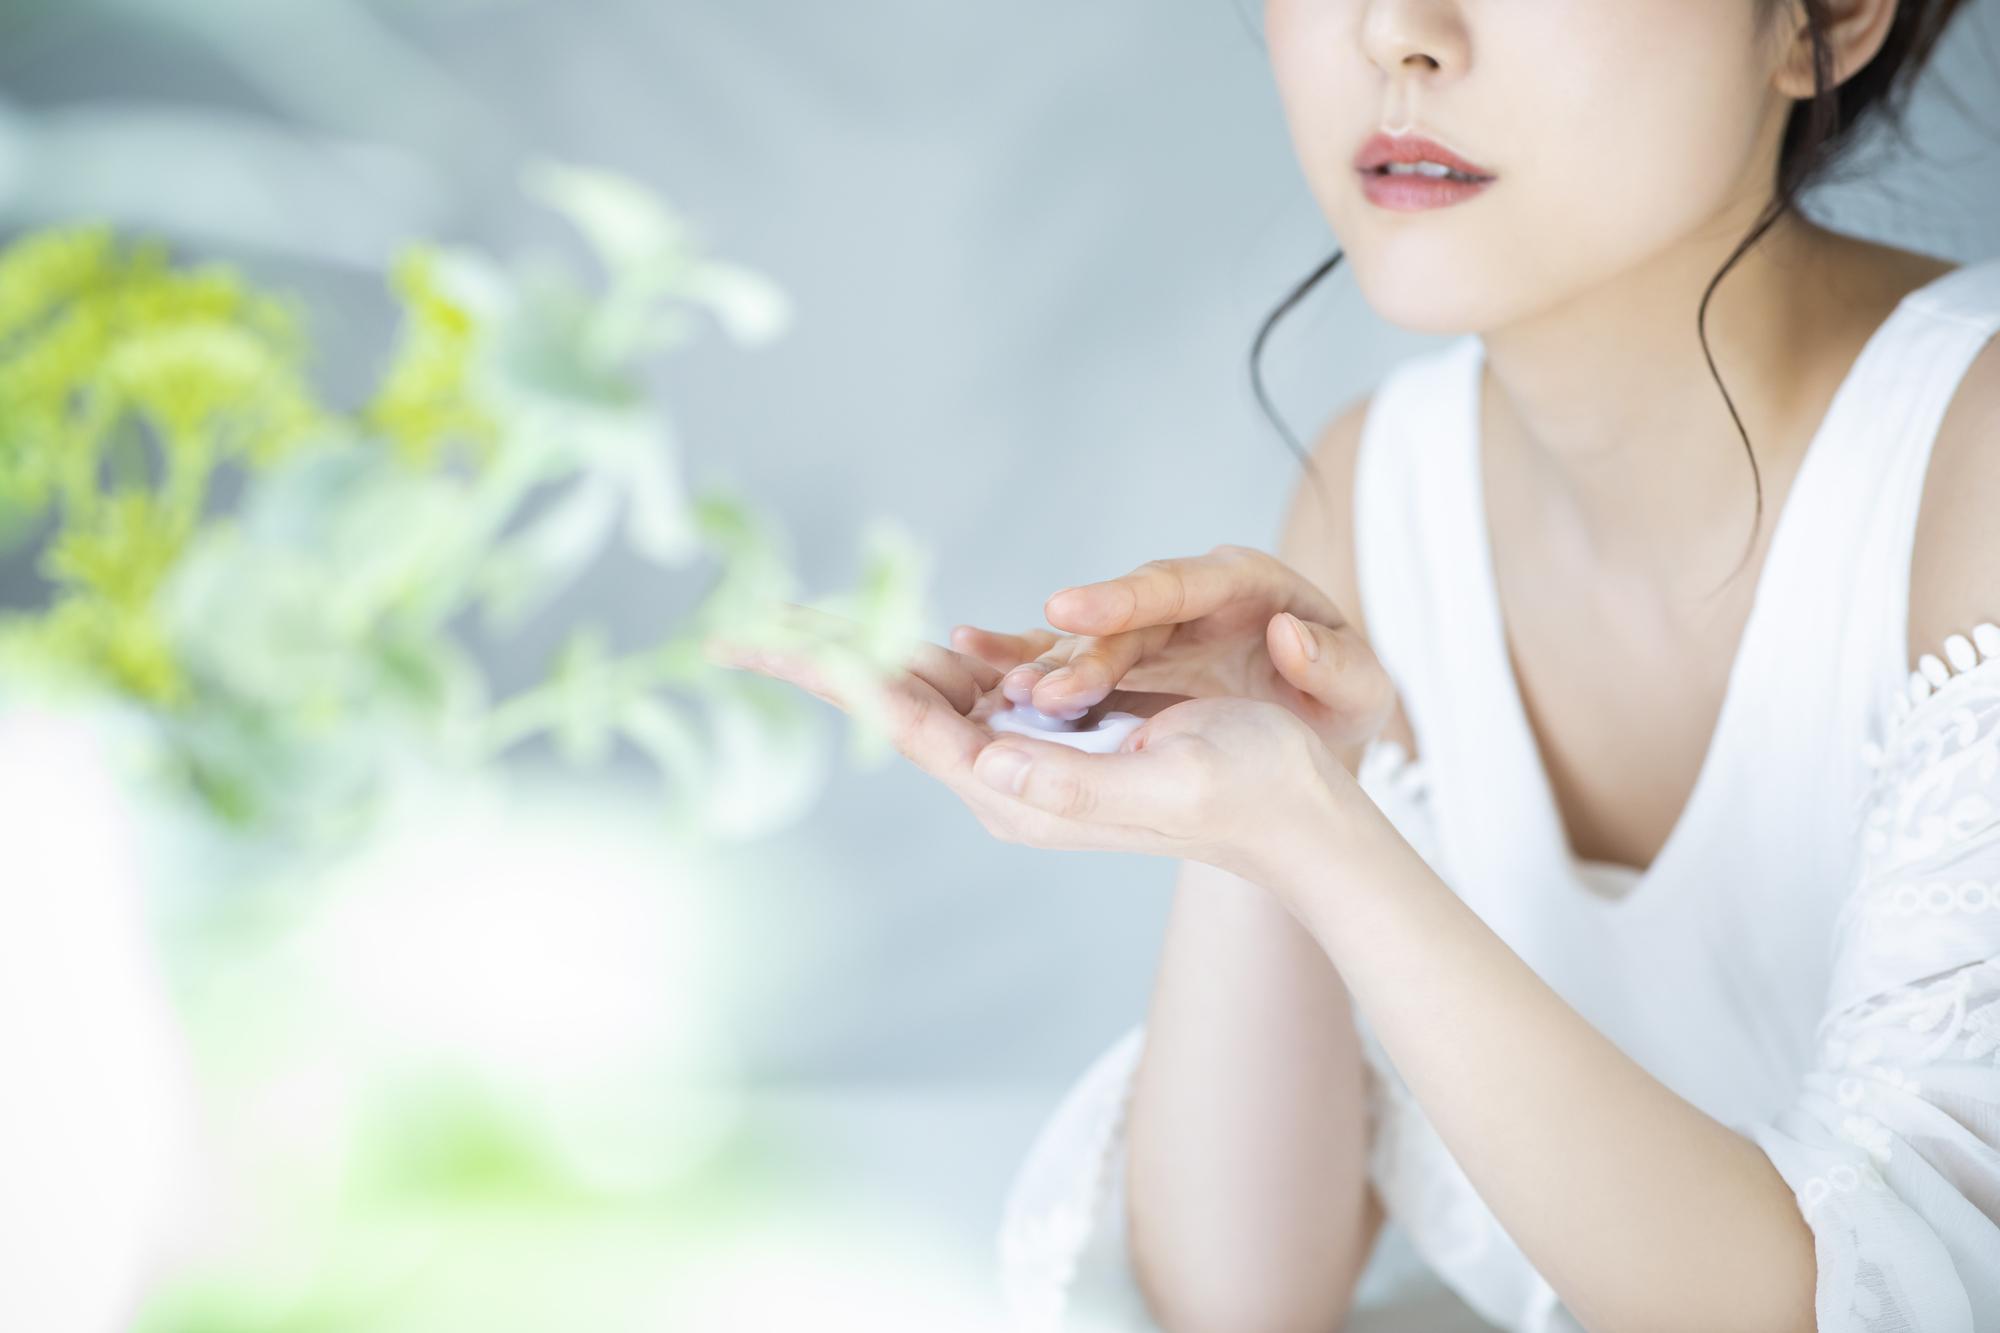 しわにおすすめの美容液ランキングTOP5 人気のレチノール化粧品は?